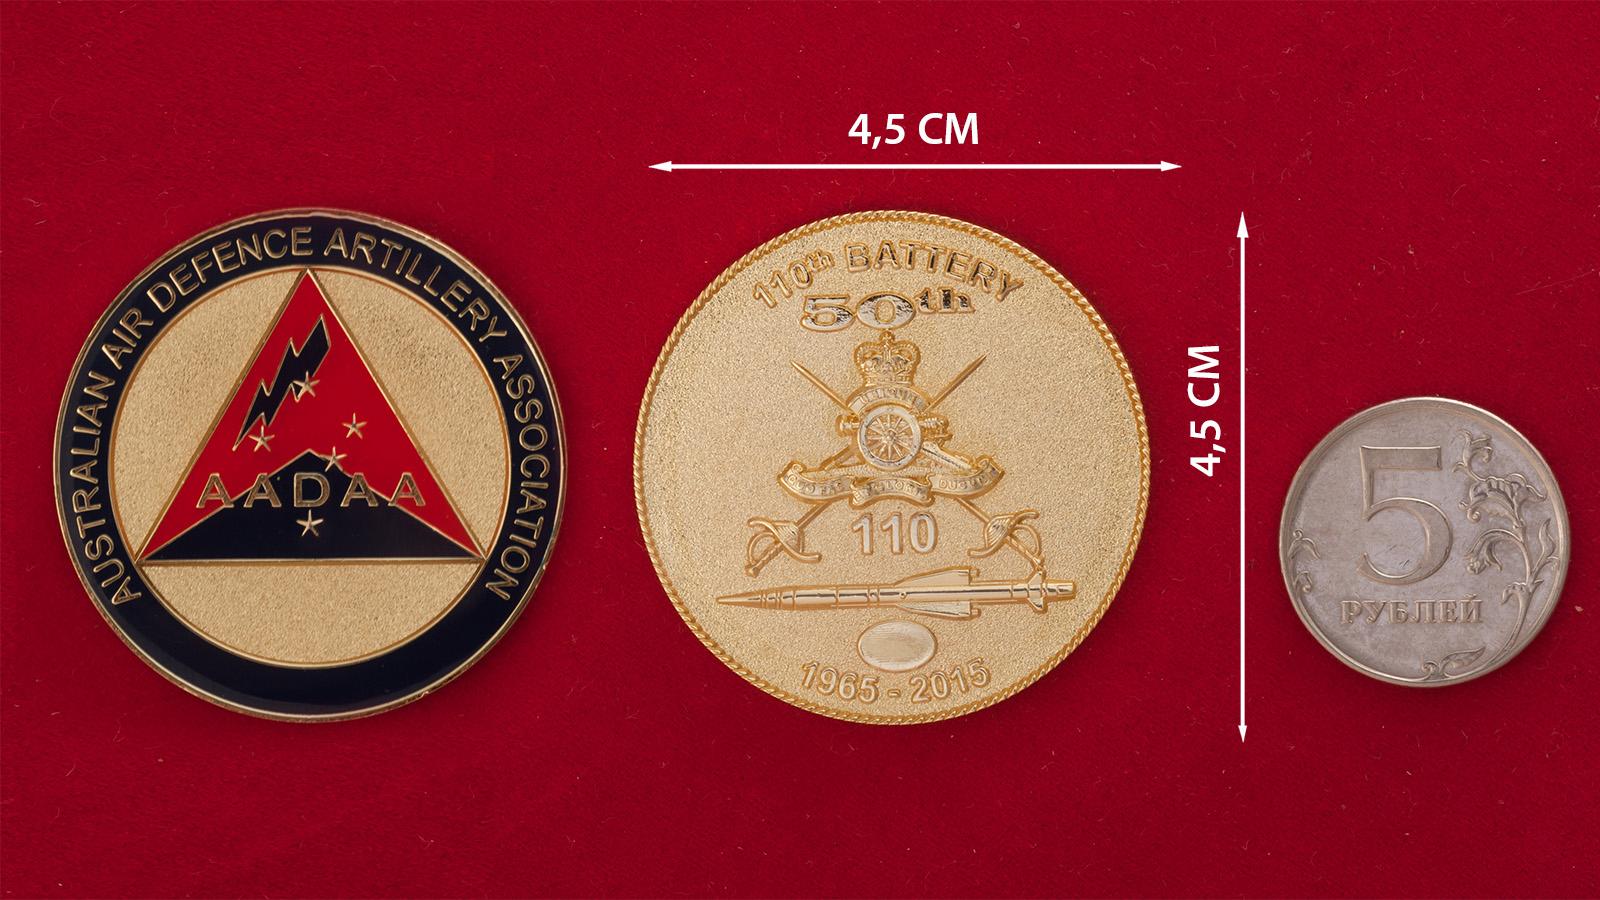 """Челлендж коин """"50 лет 110-й батарее ПВО Армии Австралии"""" - сравнительный размер"""